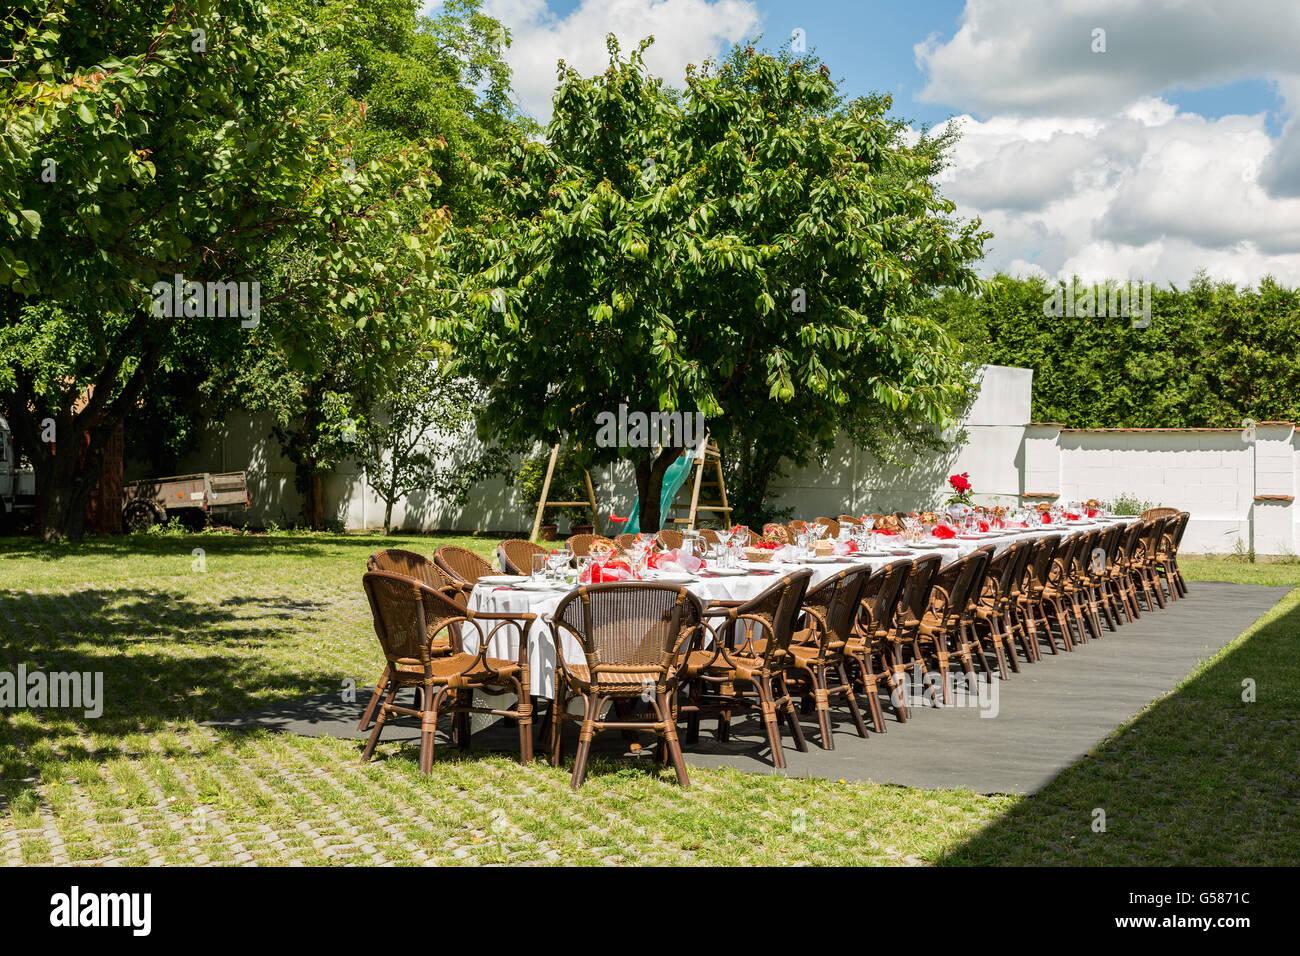 Verschiedene Dekoration Gartenparty Sammlung Von Für Mittag-abendessen Mit Langen Tisch, Dekoriert Mit